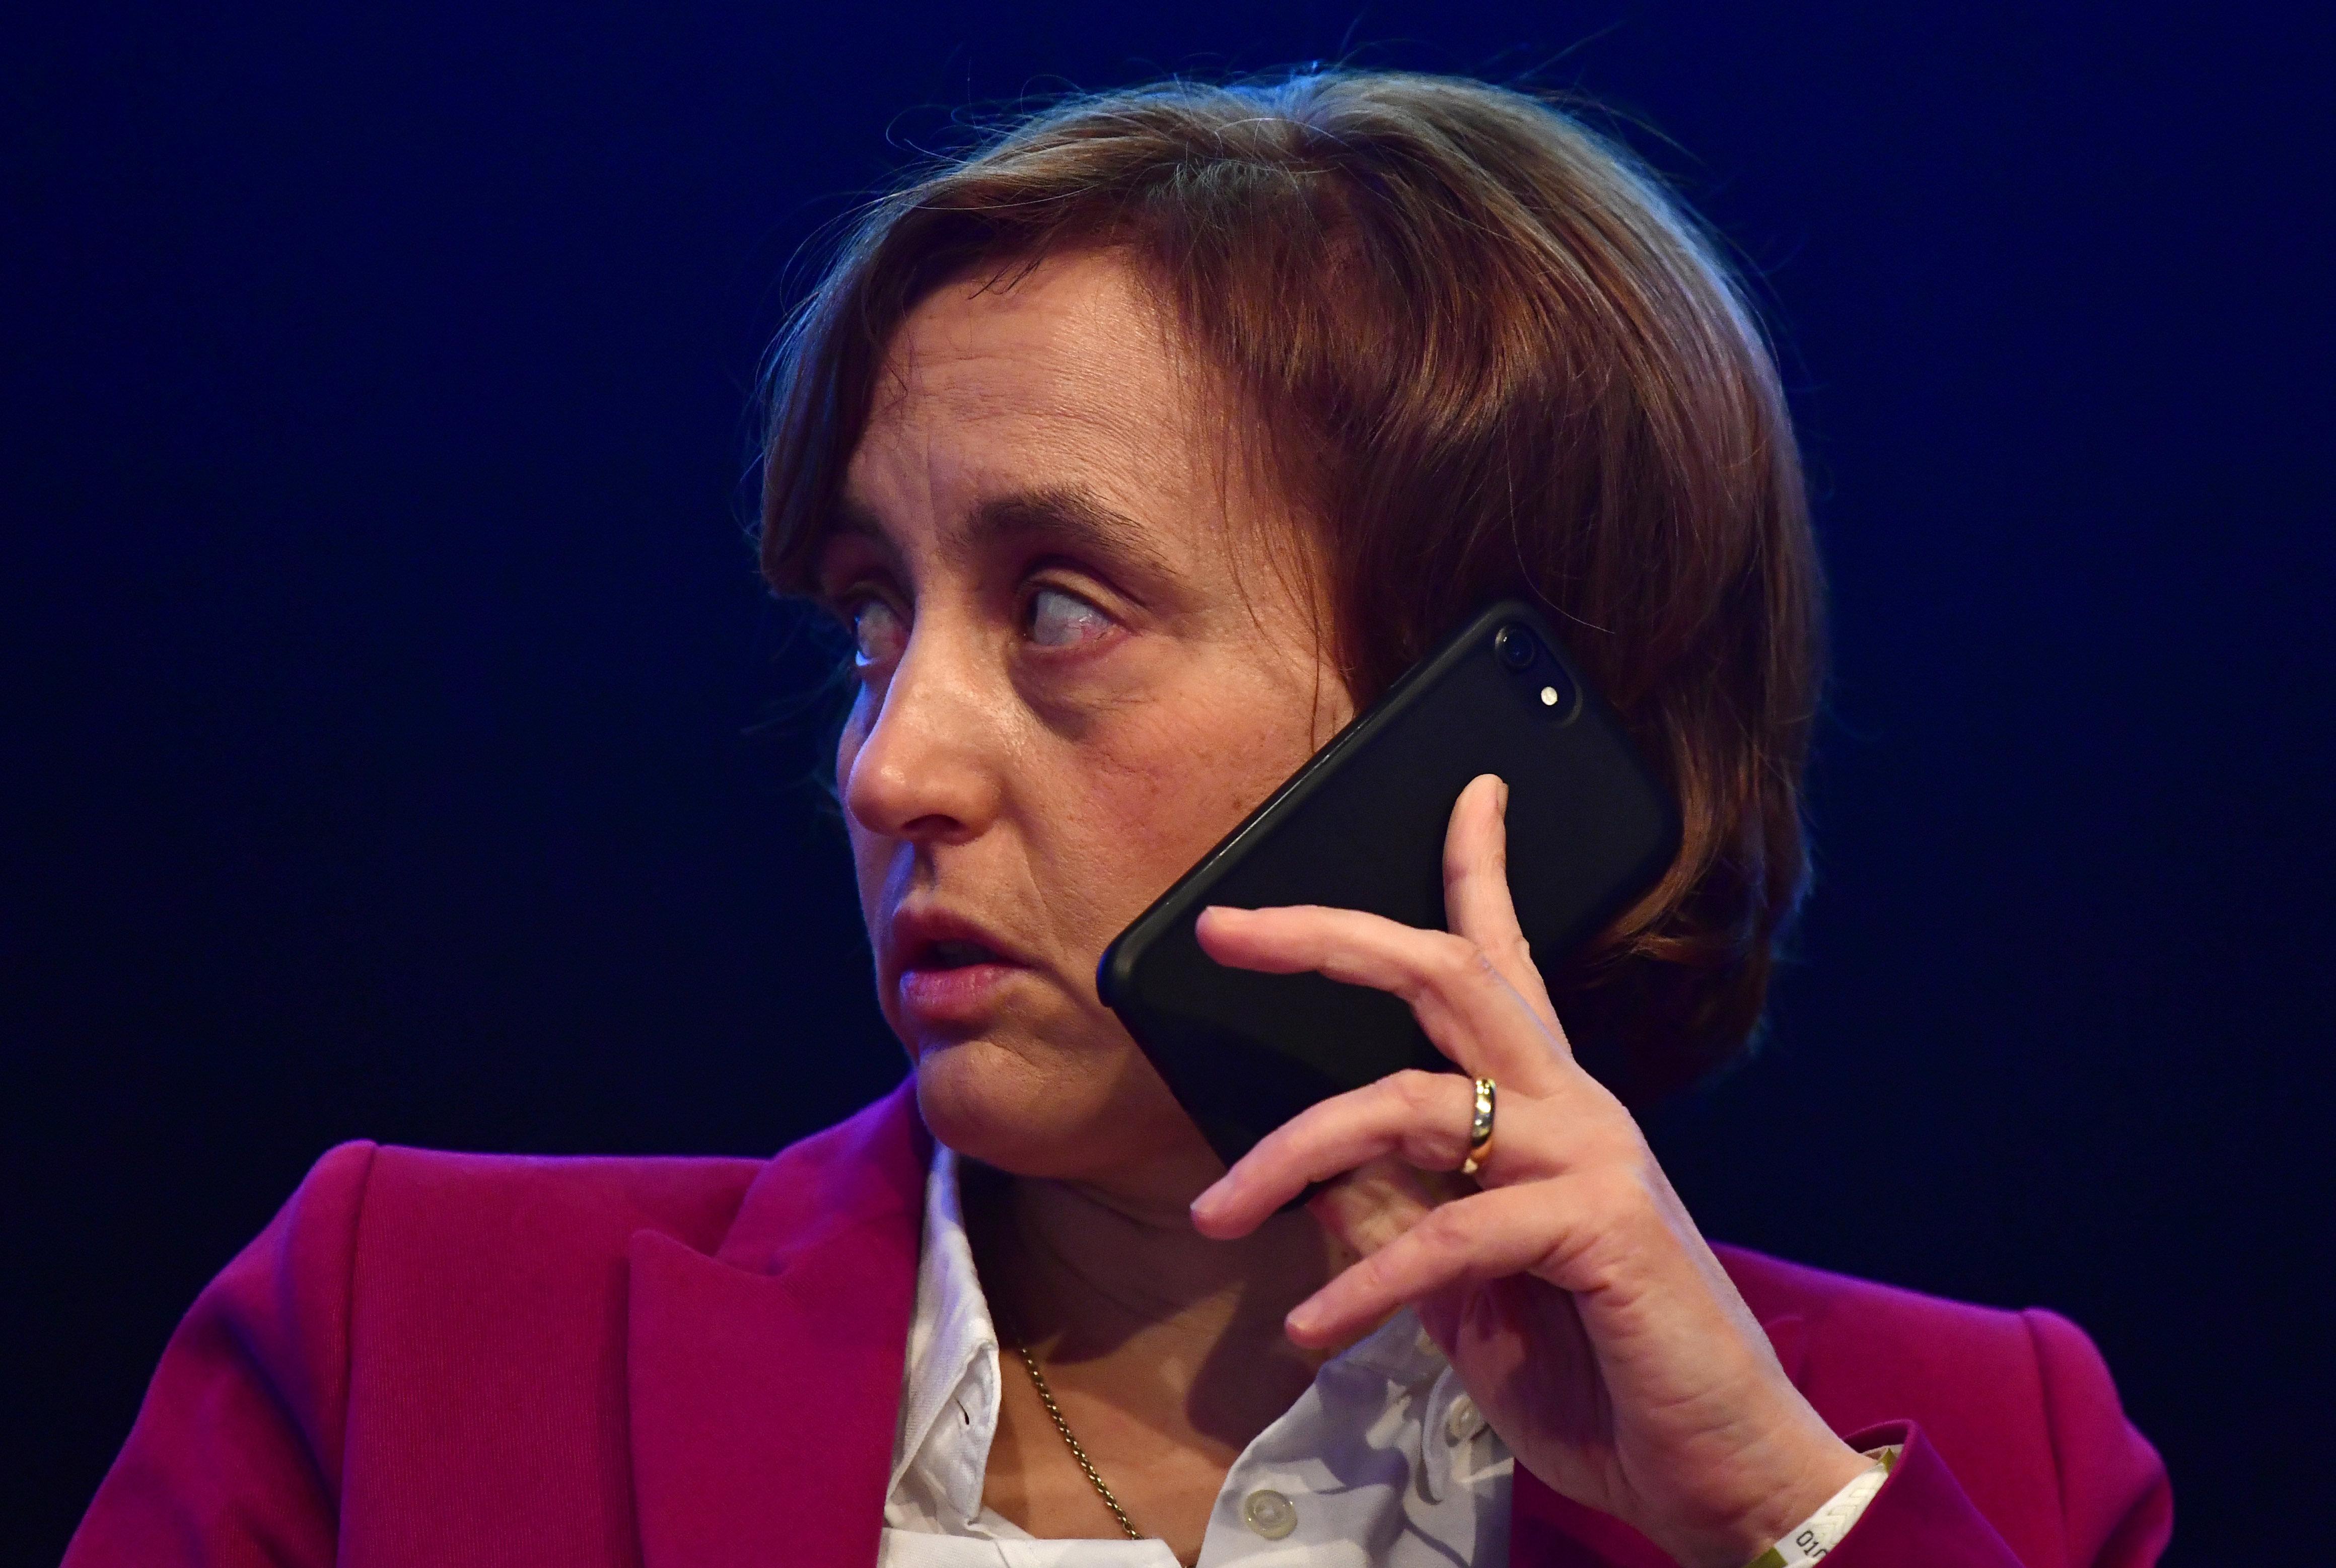 Verband der Zeitungsverleger stellt Netzwerkdurchsetzungsgesetz in Frage